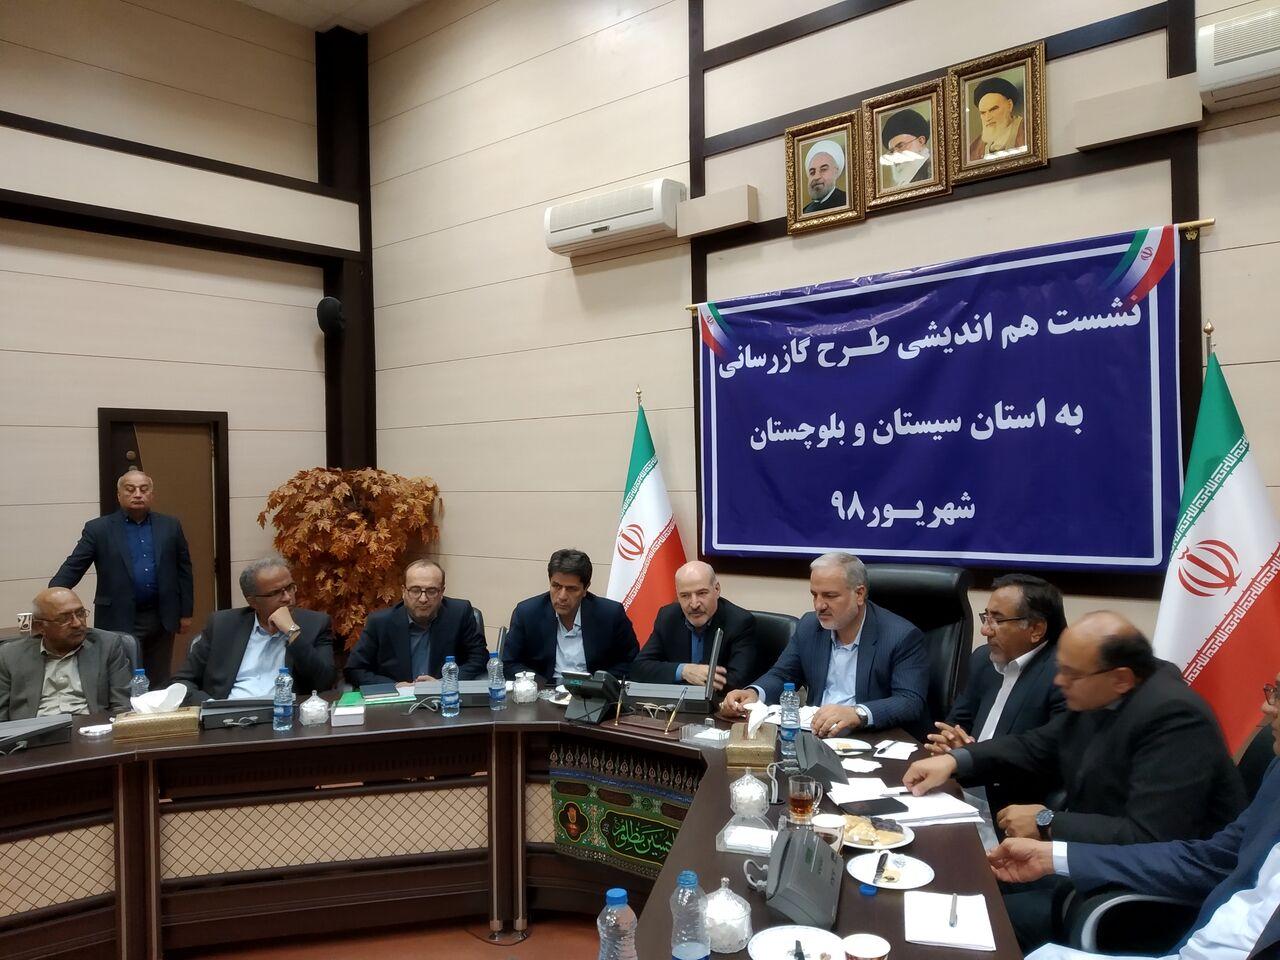 هیچ محدودیتی در تامین منابع گازرسانی سیستان و بلوچستان وجود ندارد